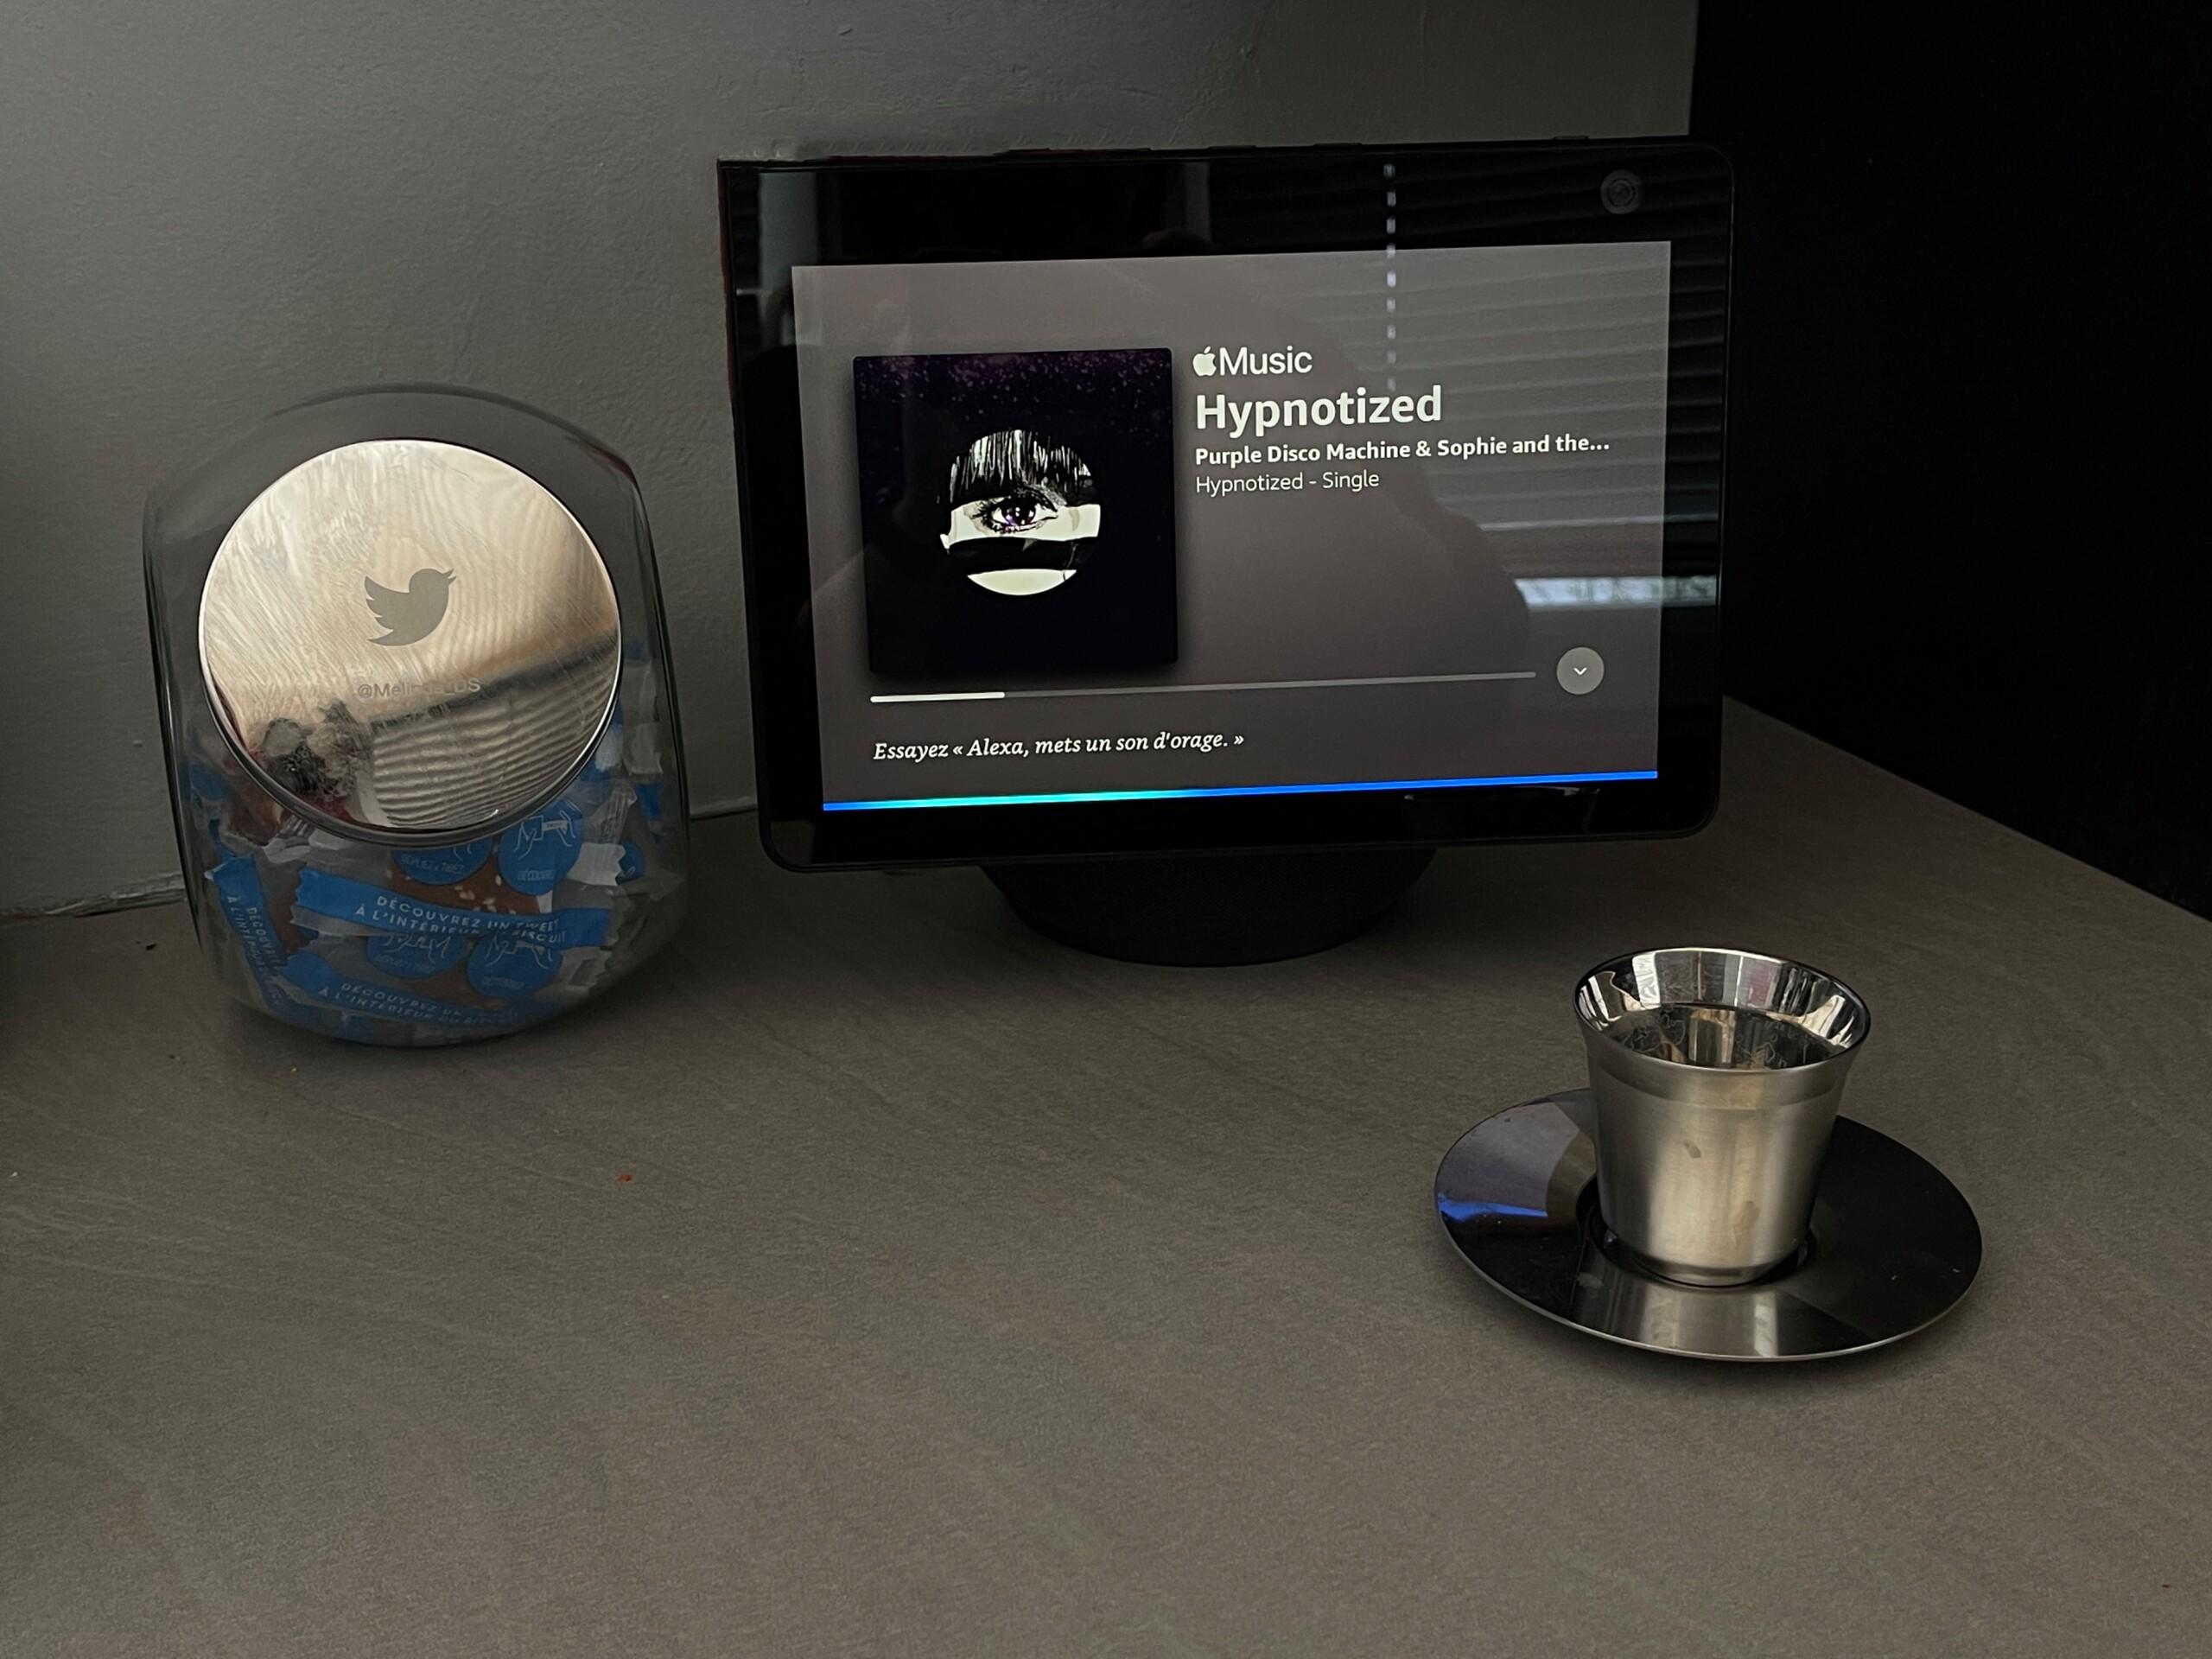 Voix masculine, jeux, services, maison connectée… Amazon Alexa s'enrichit de nouvelles fonctions